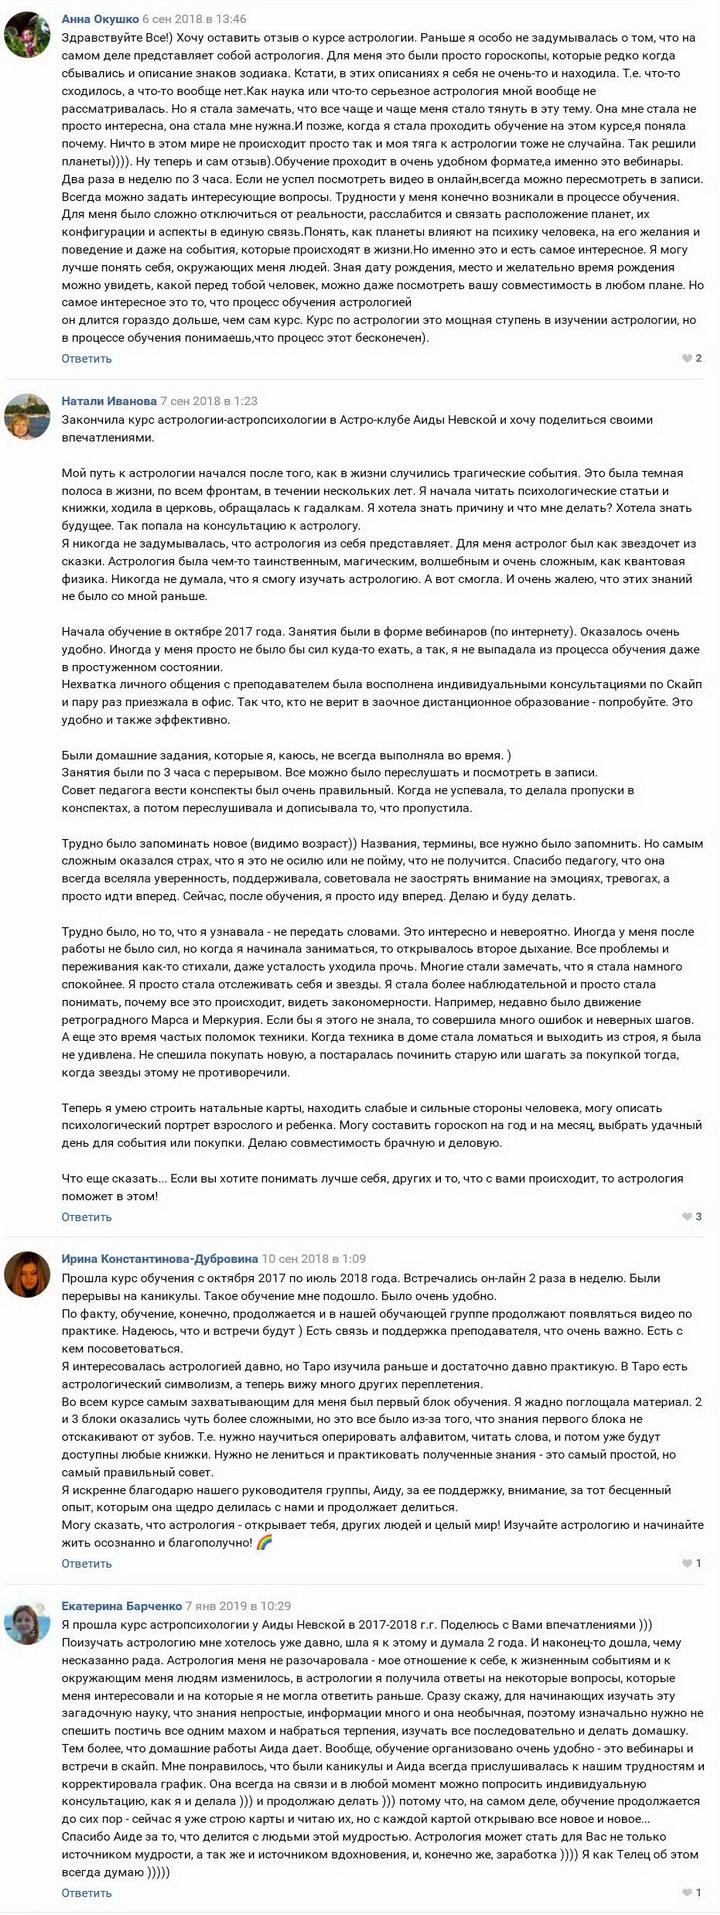 Отзывы об обучении в школе Астрологии Аиды Невской